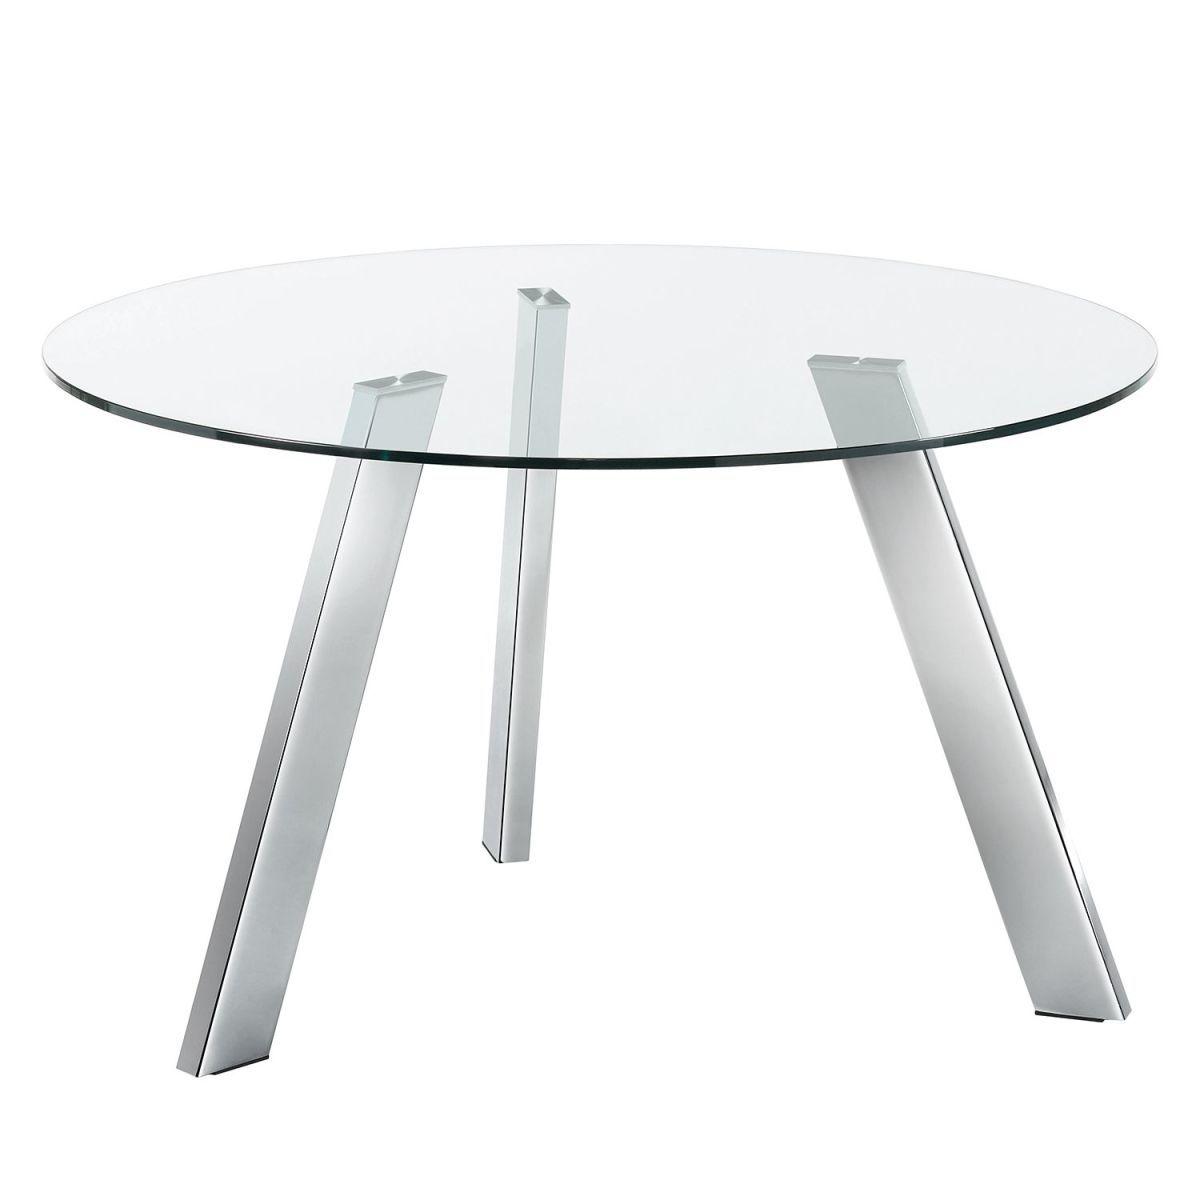 Esstisch Lolove Glas Stahl Chrom O 130 Cm Fredriks Jetzt Bestellen Unter Https Moebel Ladendirekt De Kueche Und Esszimme Esstisch Tisch Kuche Tisch